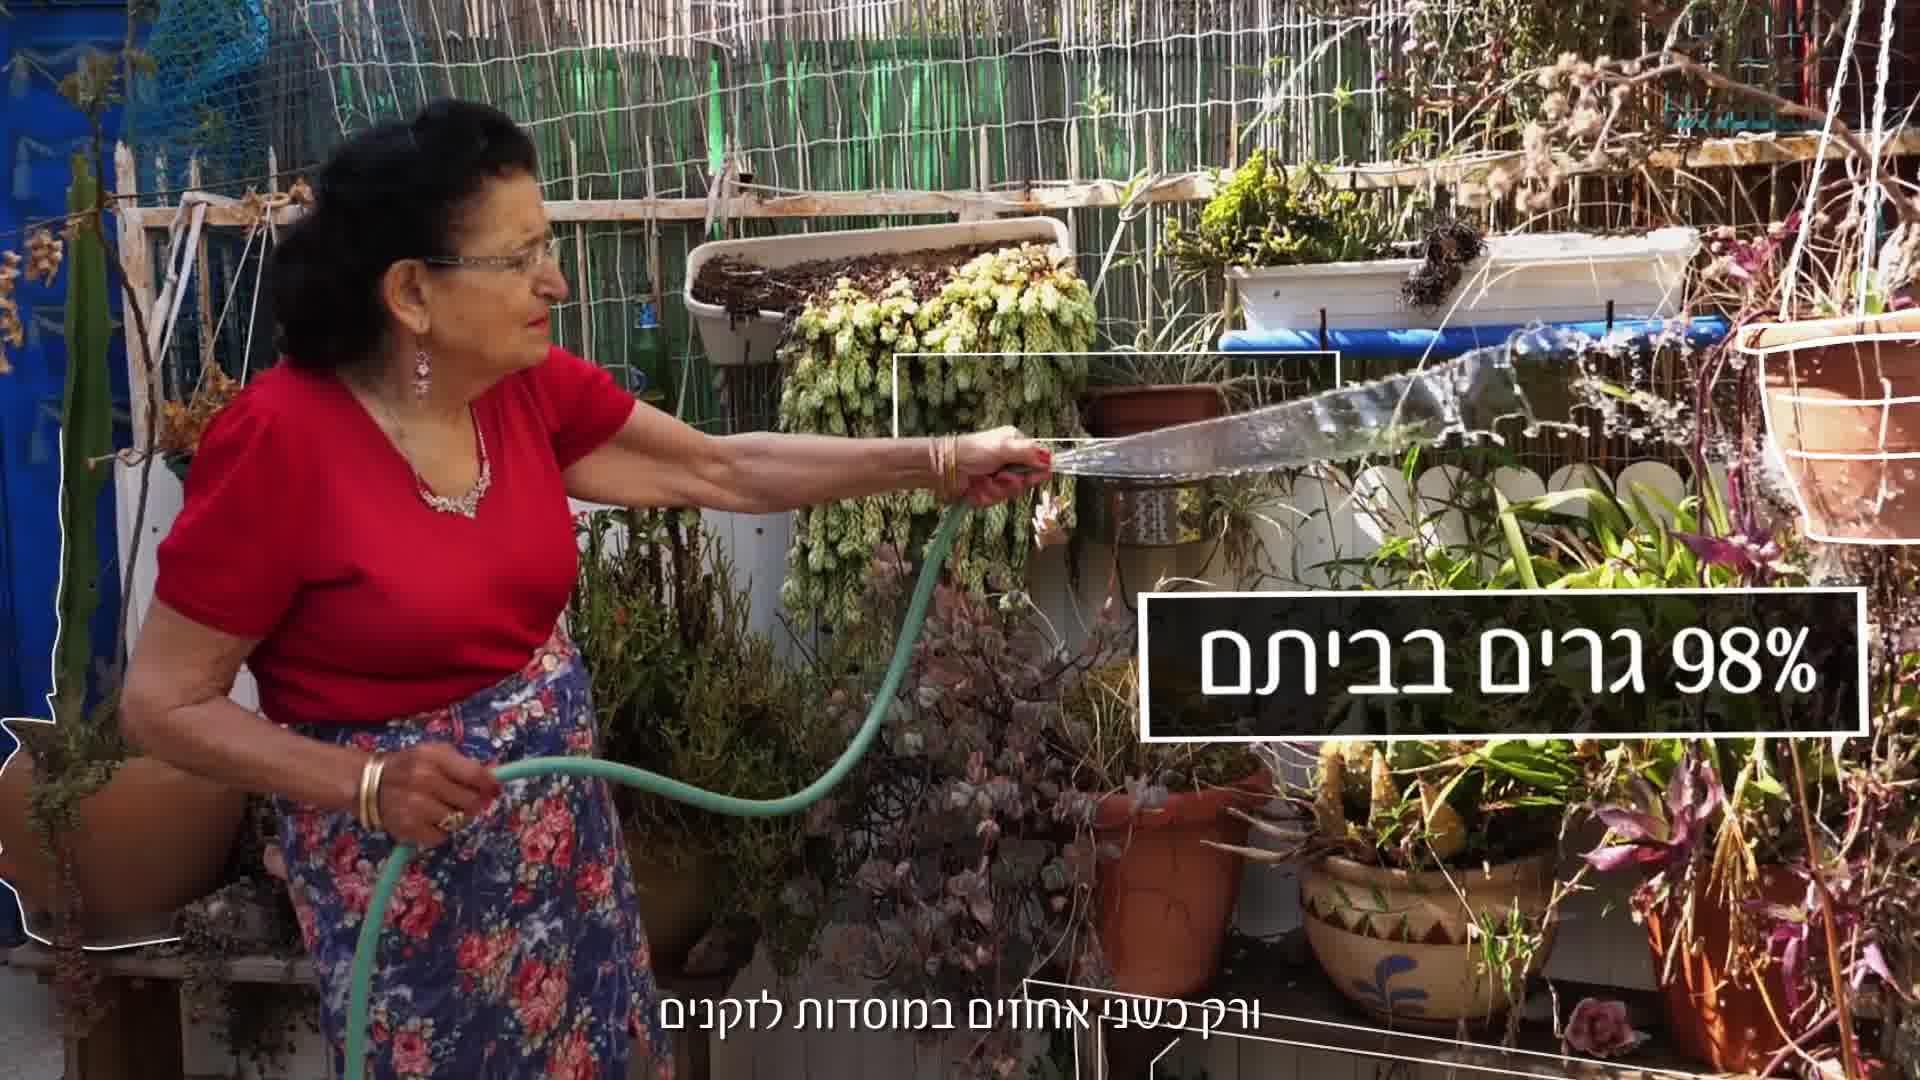 נתונים על בני 65 פלוס בישראל